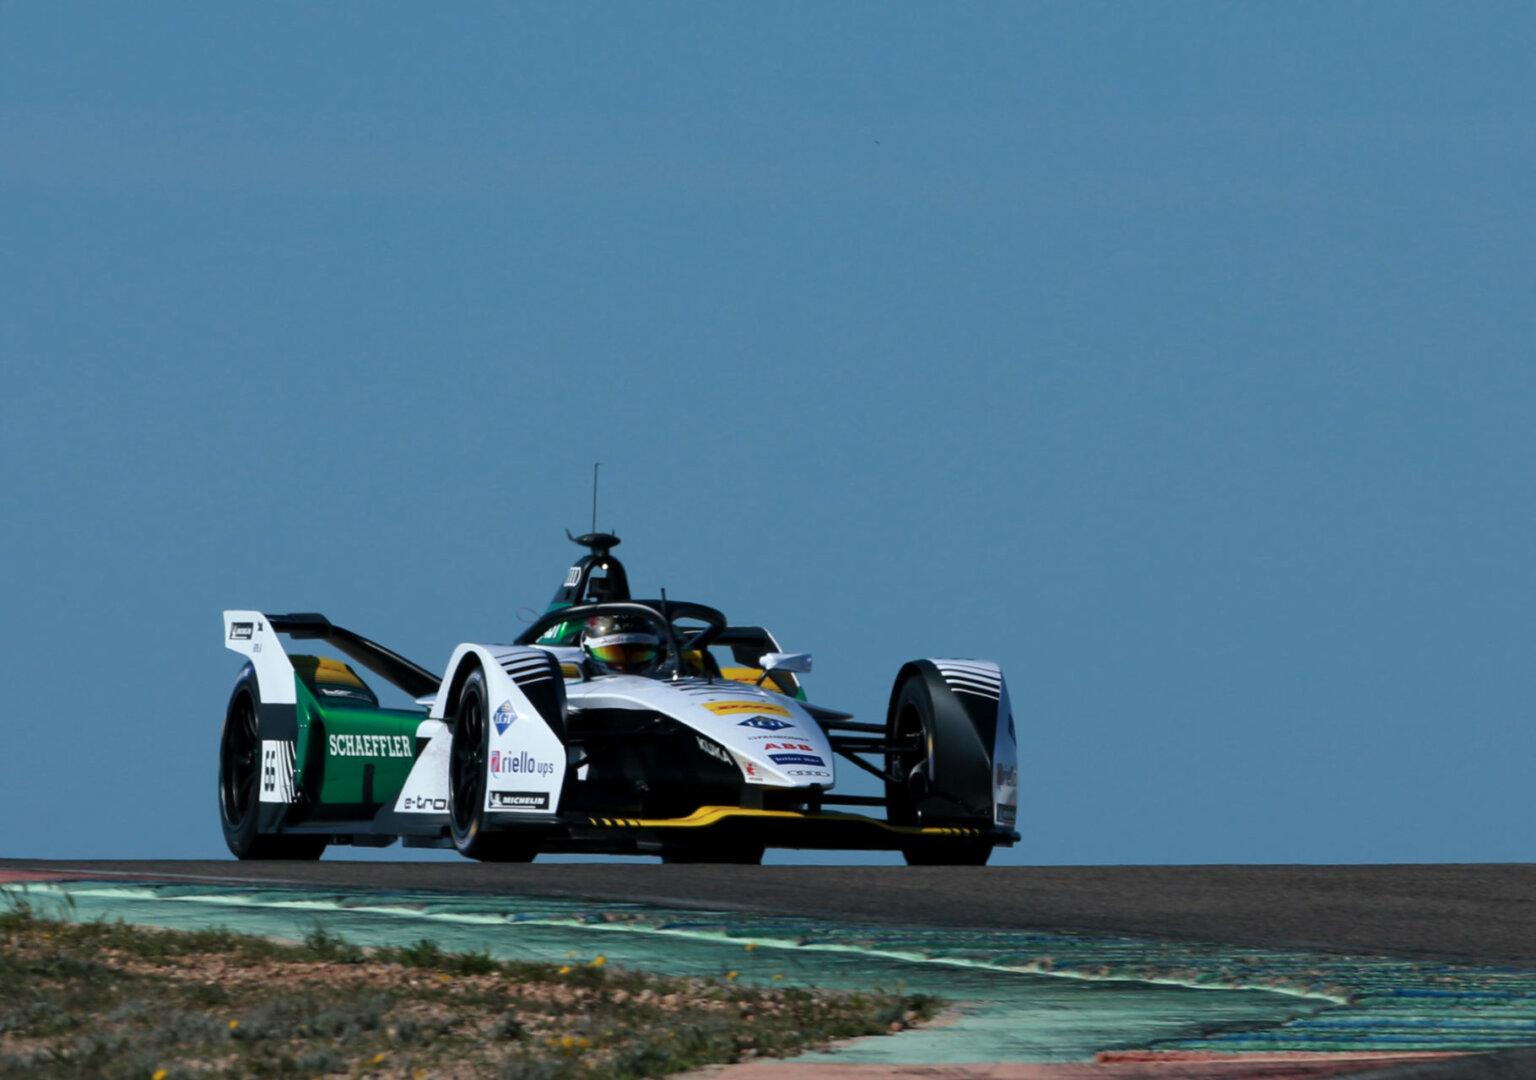 Formel-E-Fahrer Daniel Abt mit Audi e-tron auf Rennstrecke